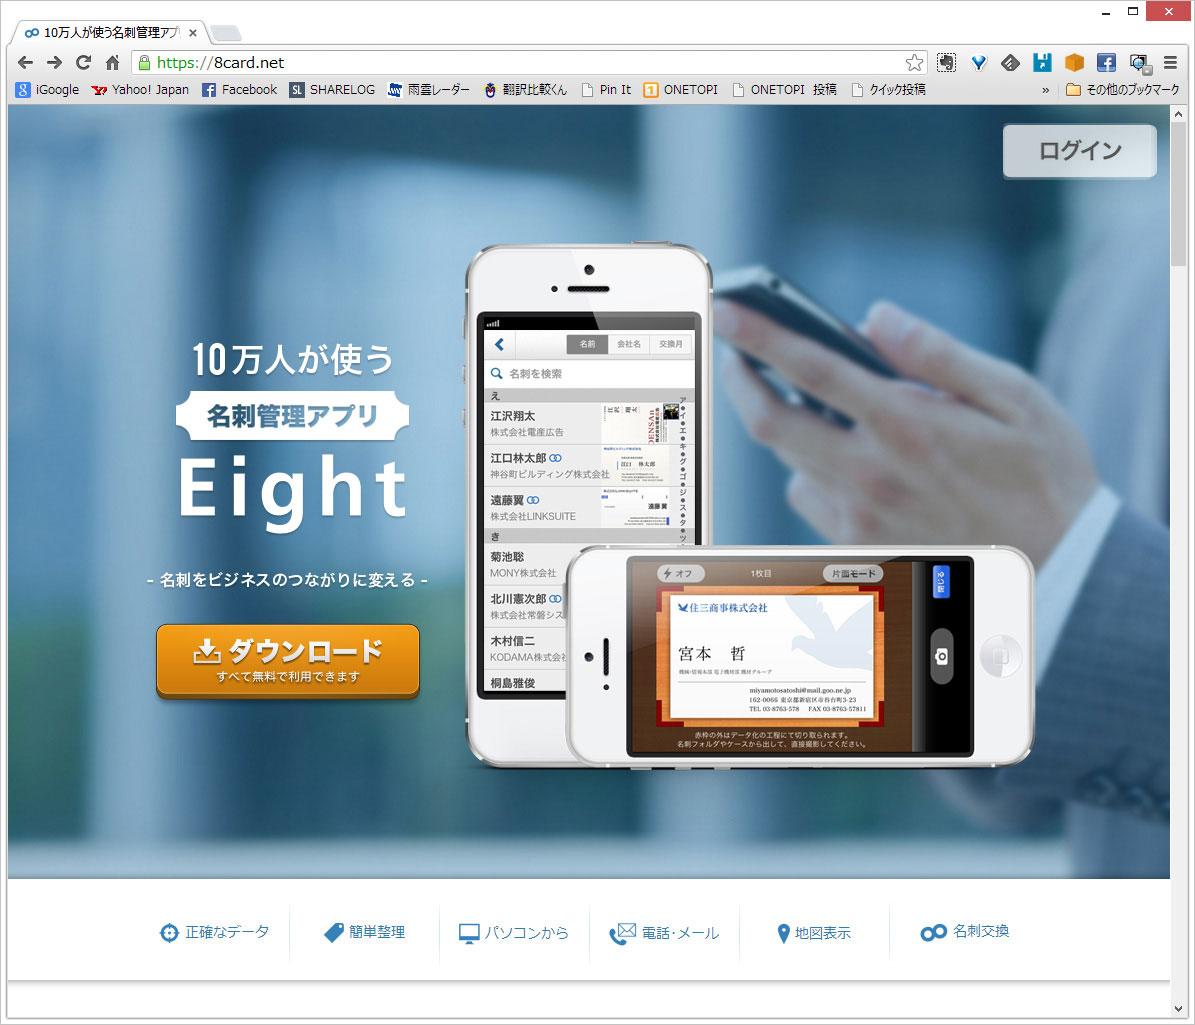 ScanSnapで大量の名刺を一挙にEightに登録できる「Eight Scan」はどの程度使えるか? (1/3)